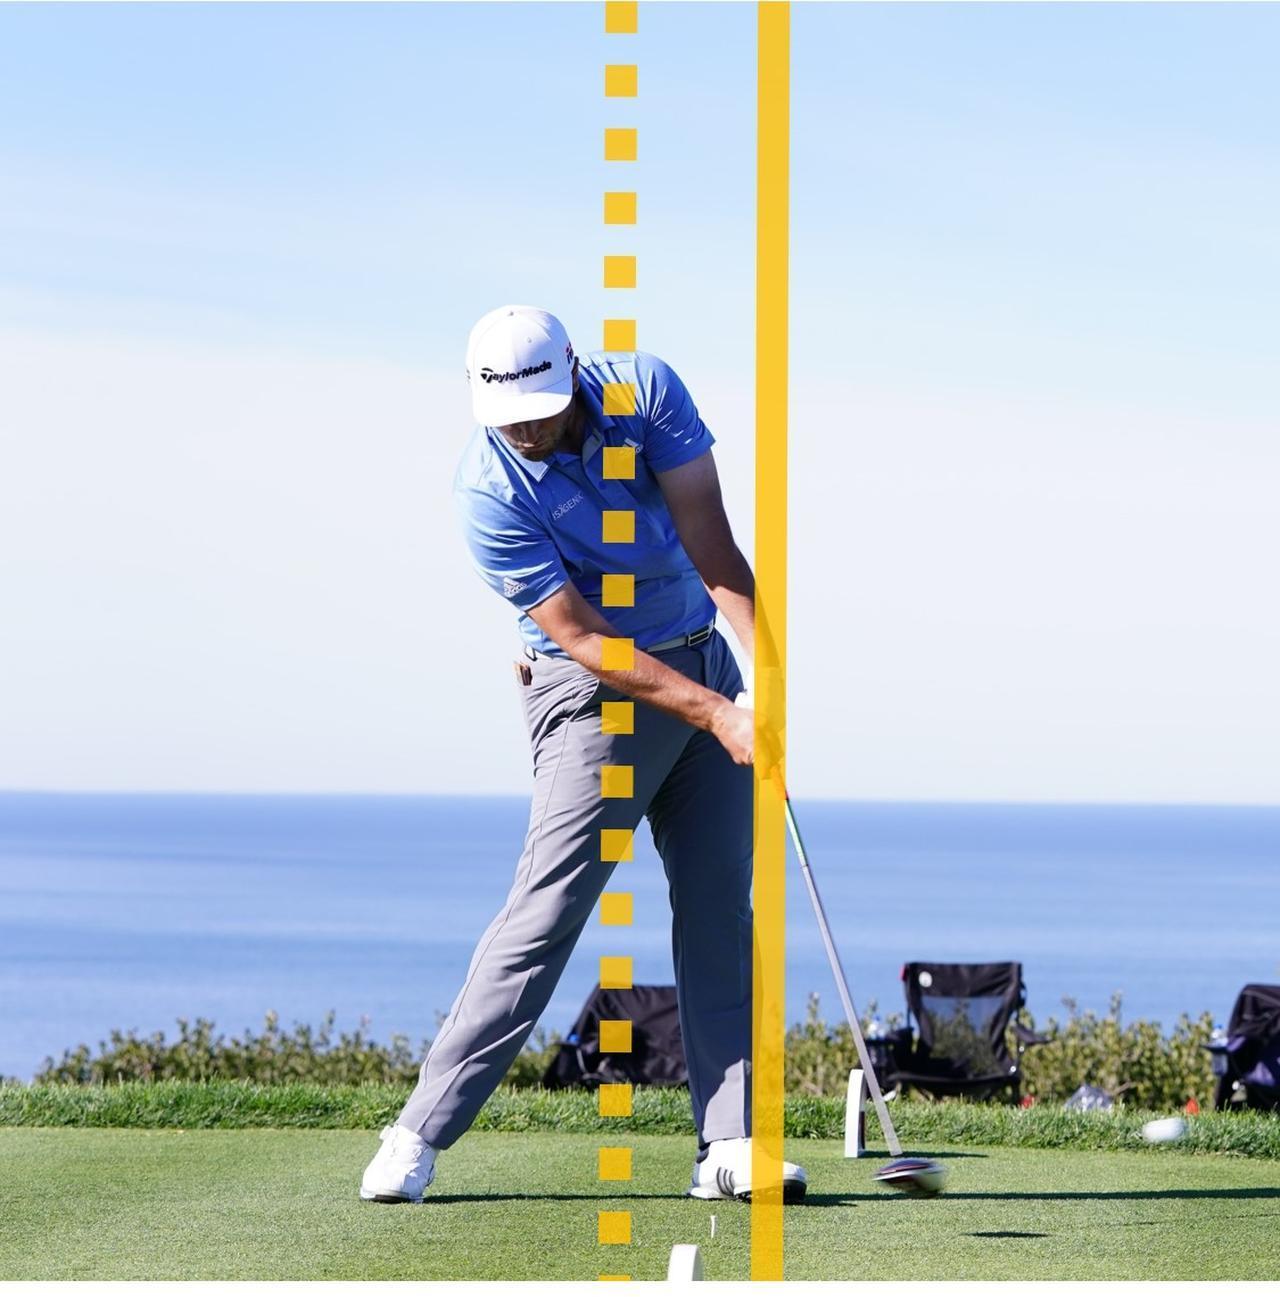 画像: 右手首の角度を保ち、ハンドファーストにとらえる